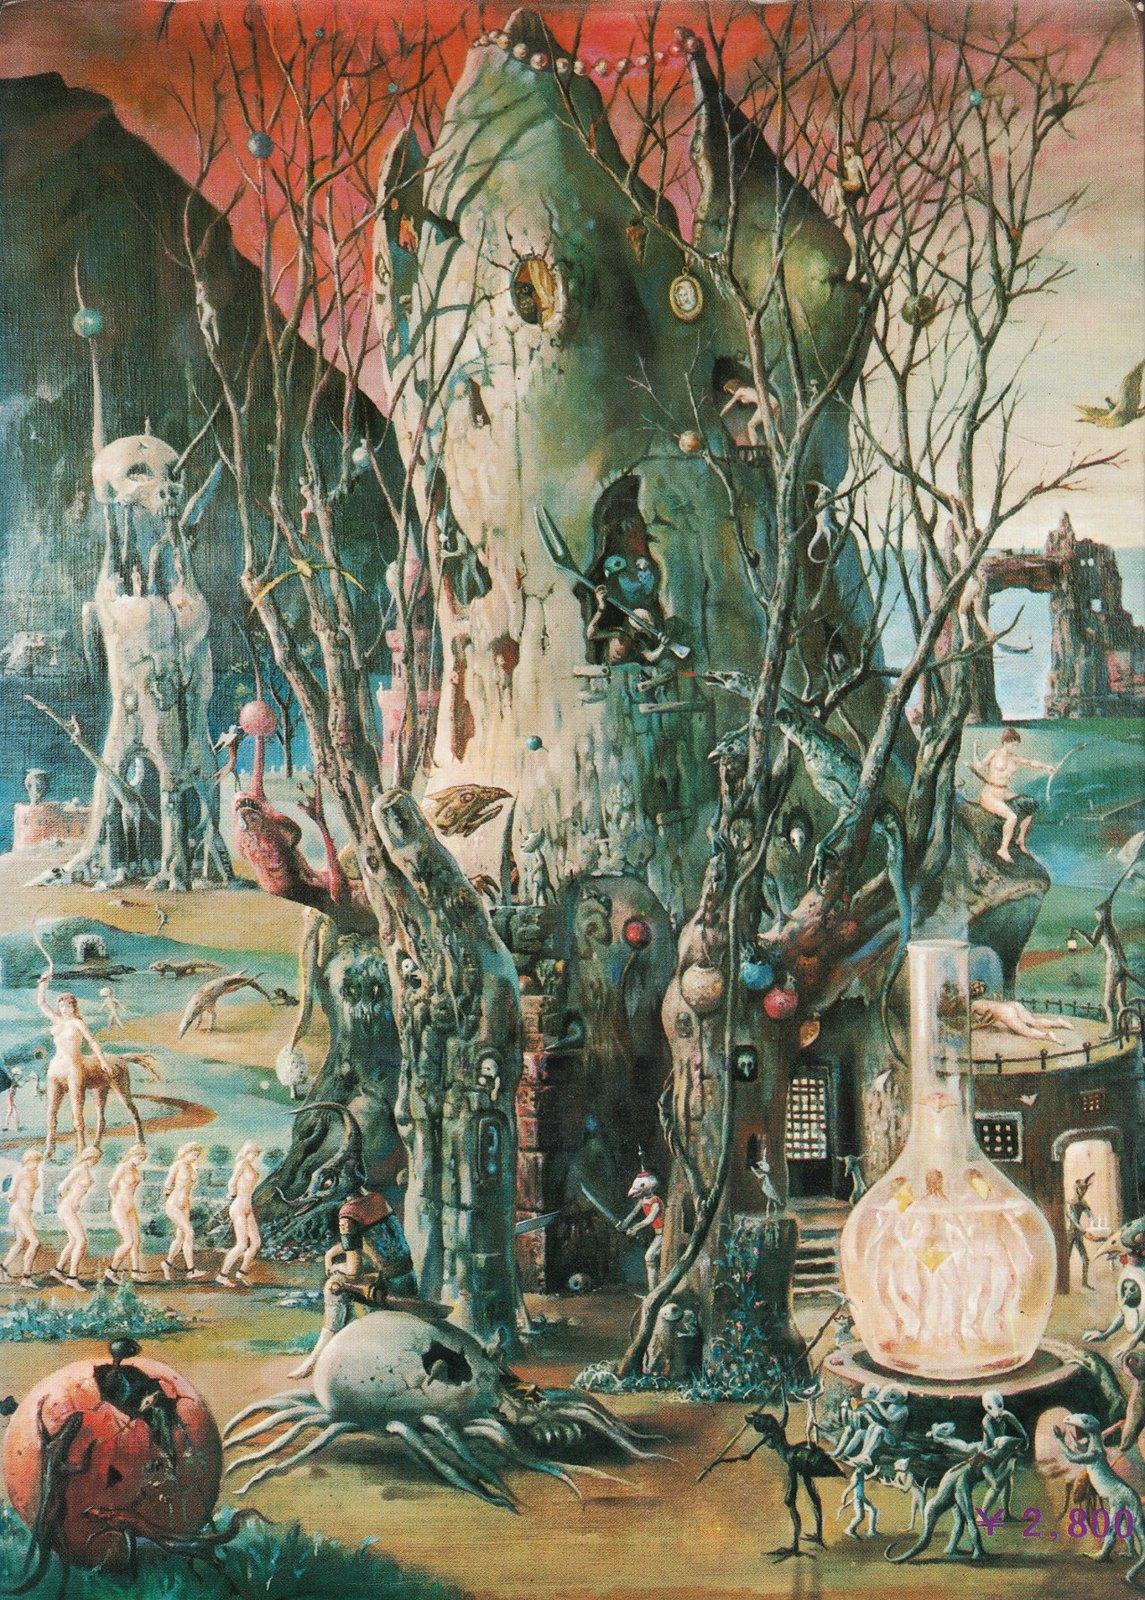 Ran Akiyoshi - Cover Art, version 3, 1953